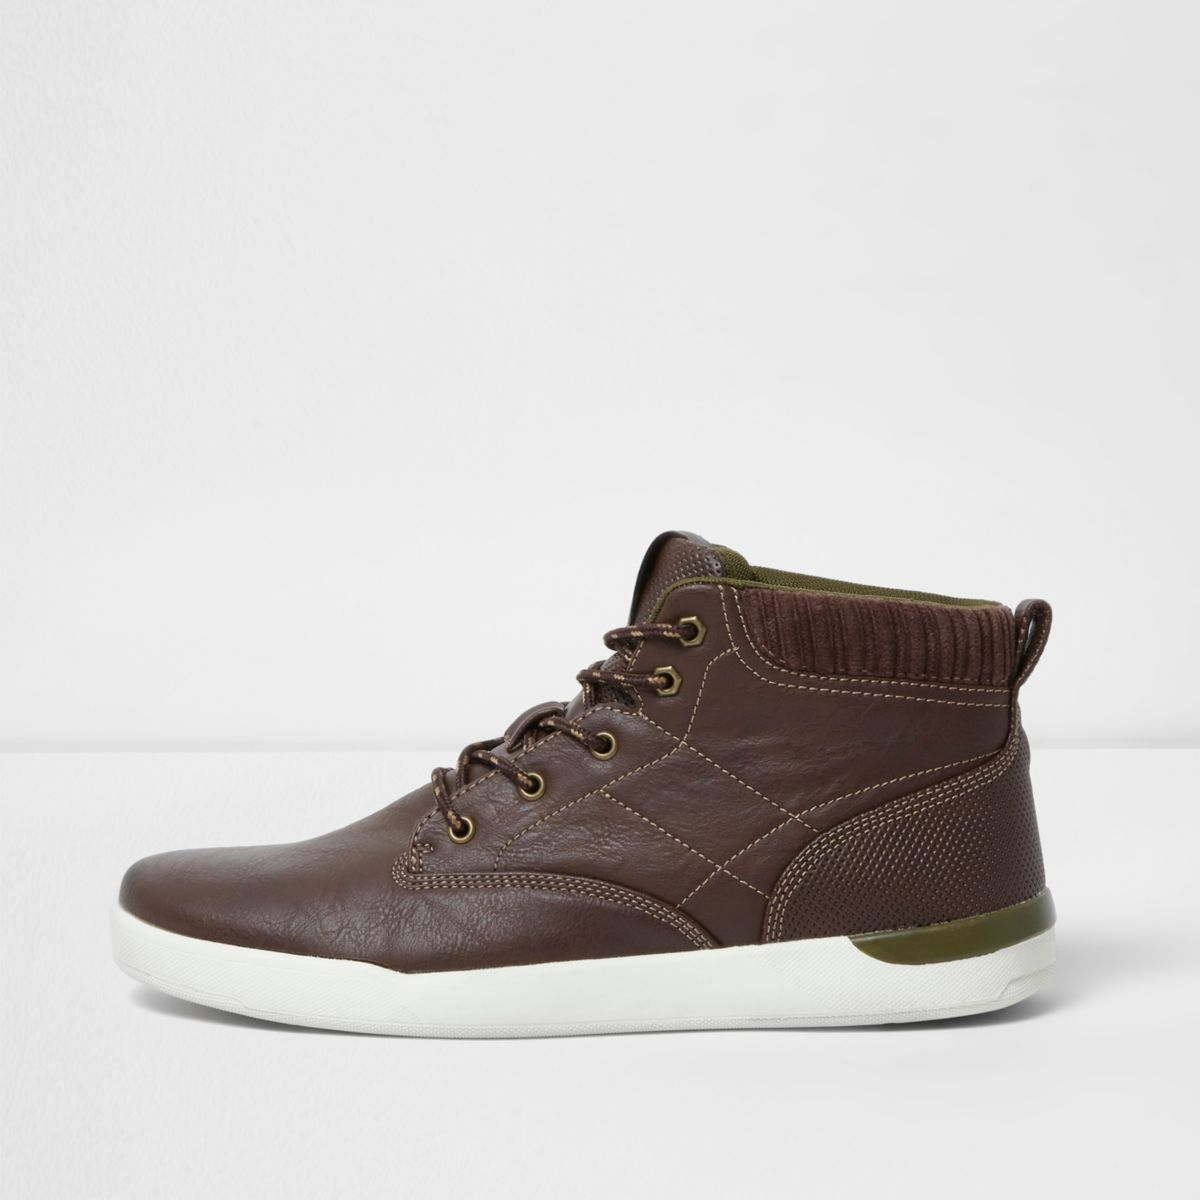 Donkerbruine hoge sneakers met vetersluiting